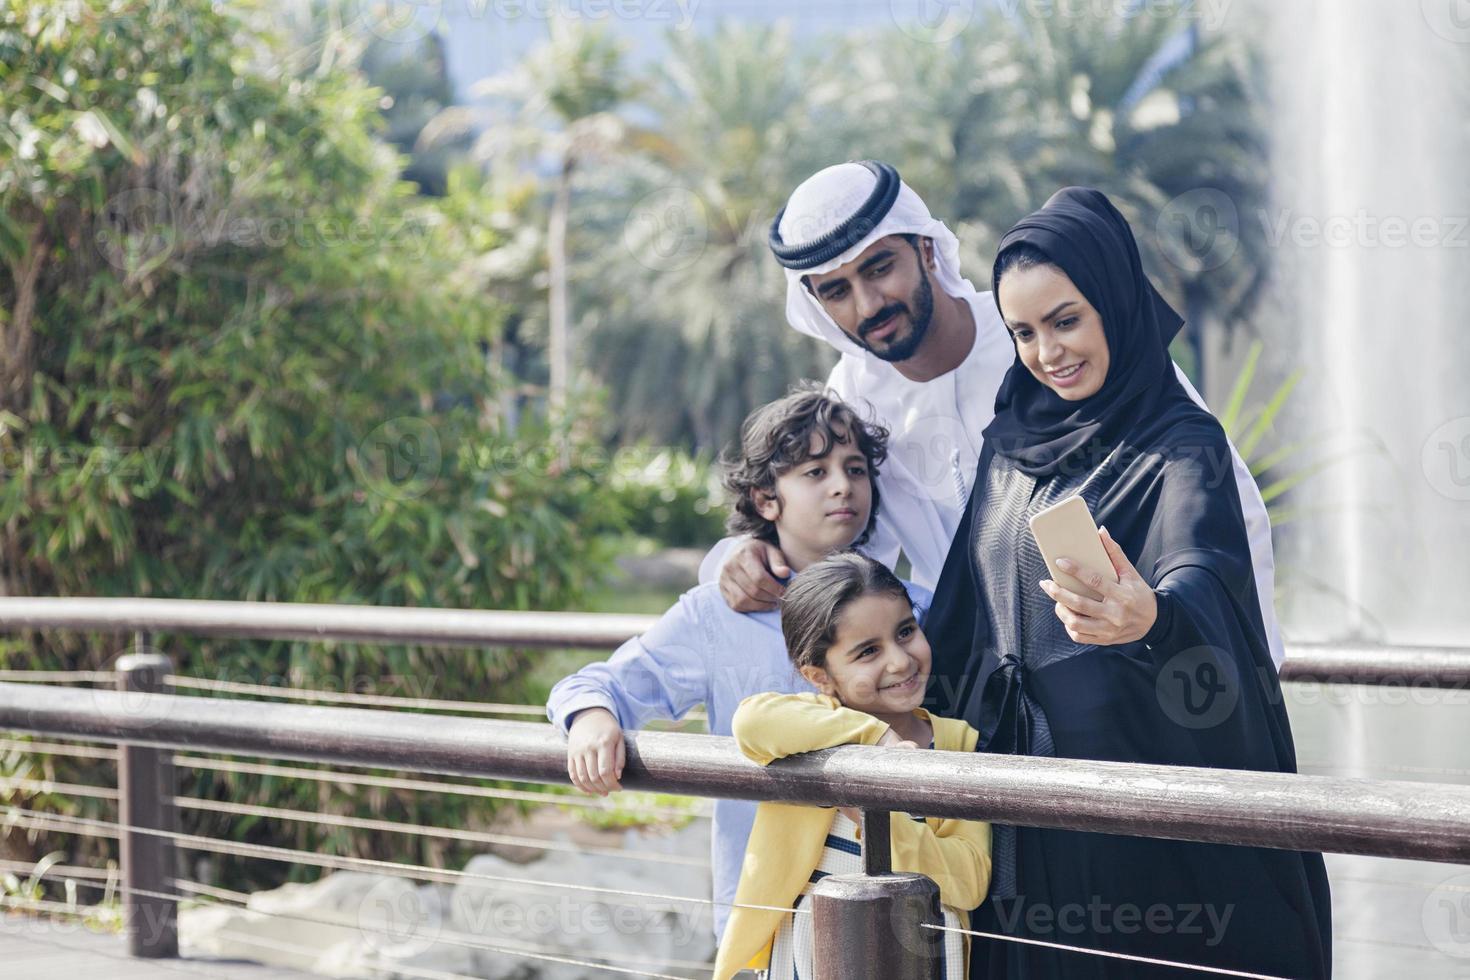 famiglia mediorientale prendendo selfie all'aperto foto